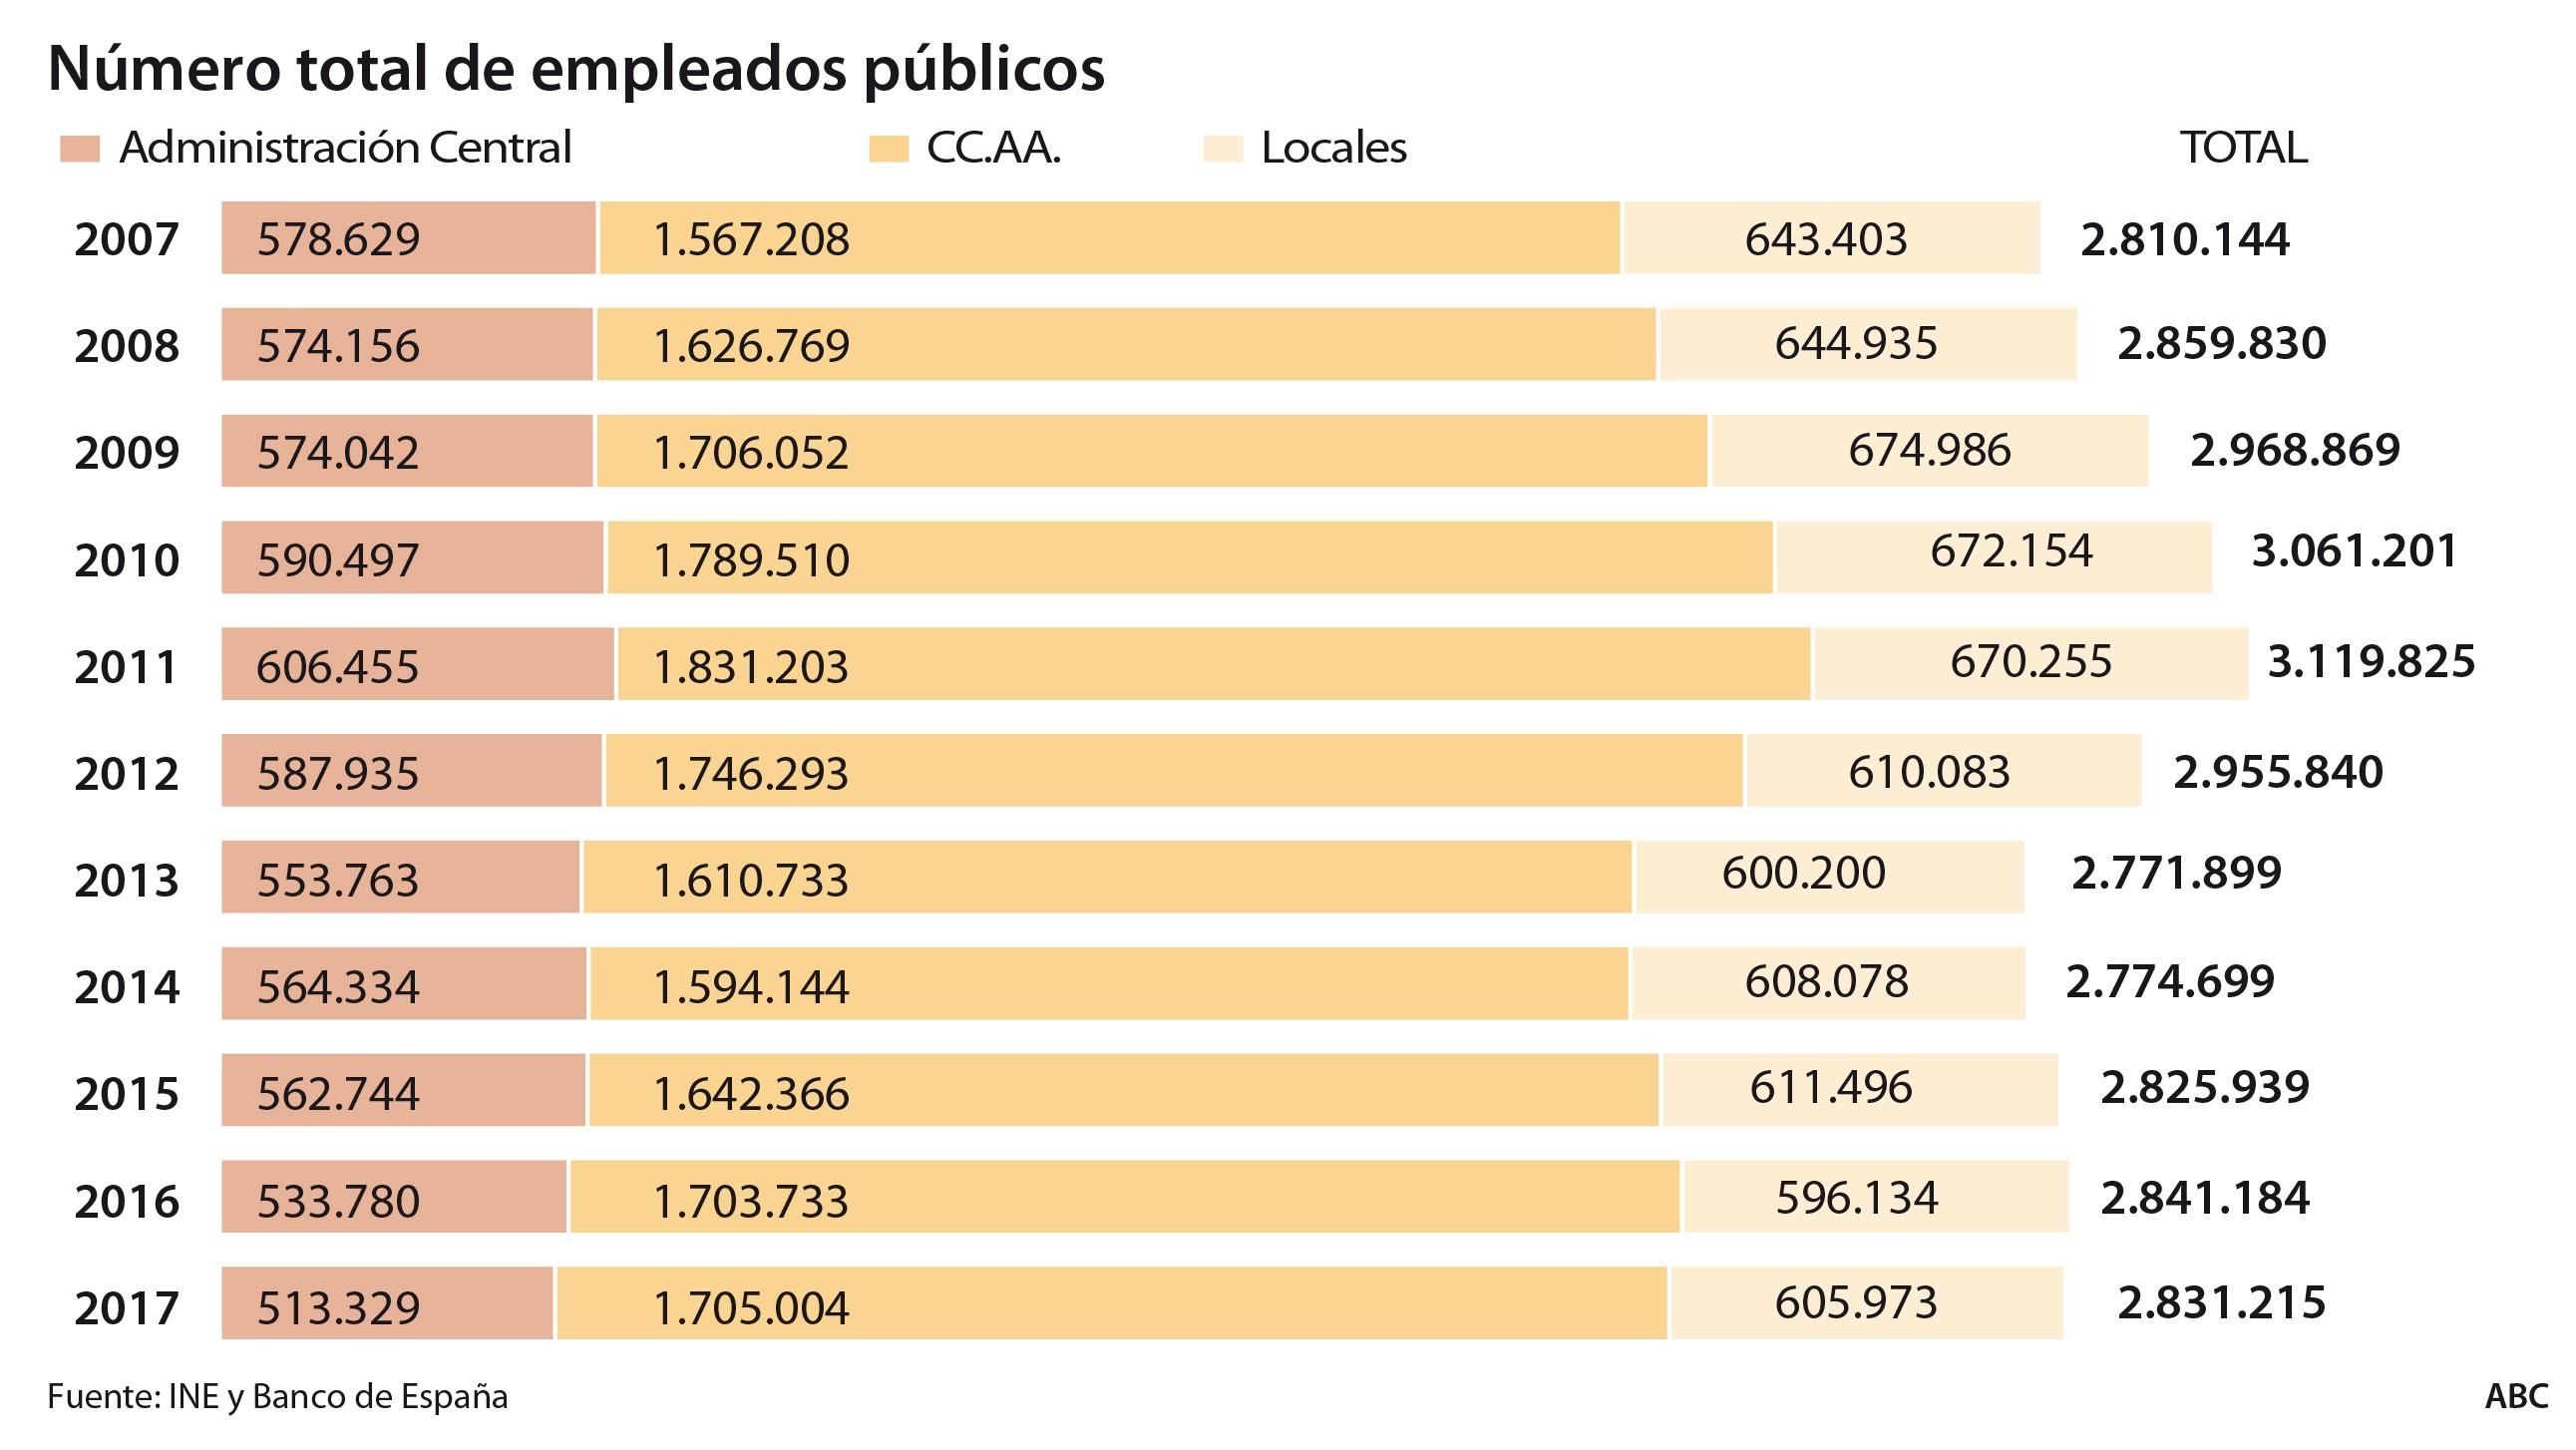 El ajuste del empleo pºblico durante la crisis se ha centrado en los ayuntamientos y en la propia Administraci³n Central mientras que las unidades